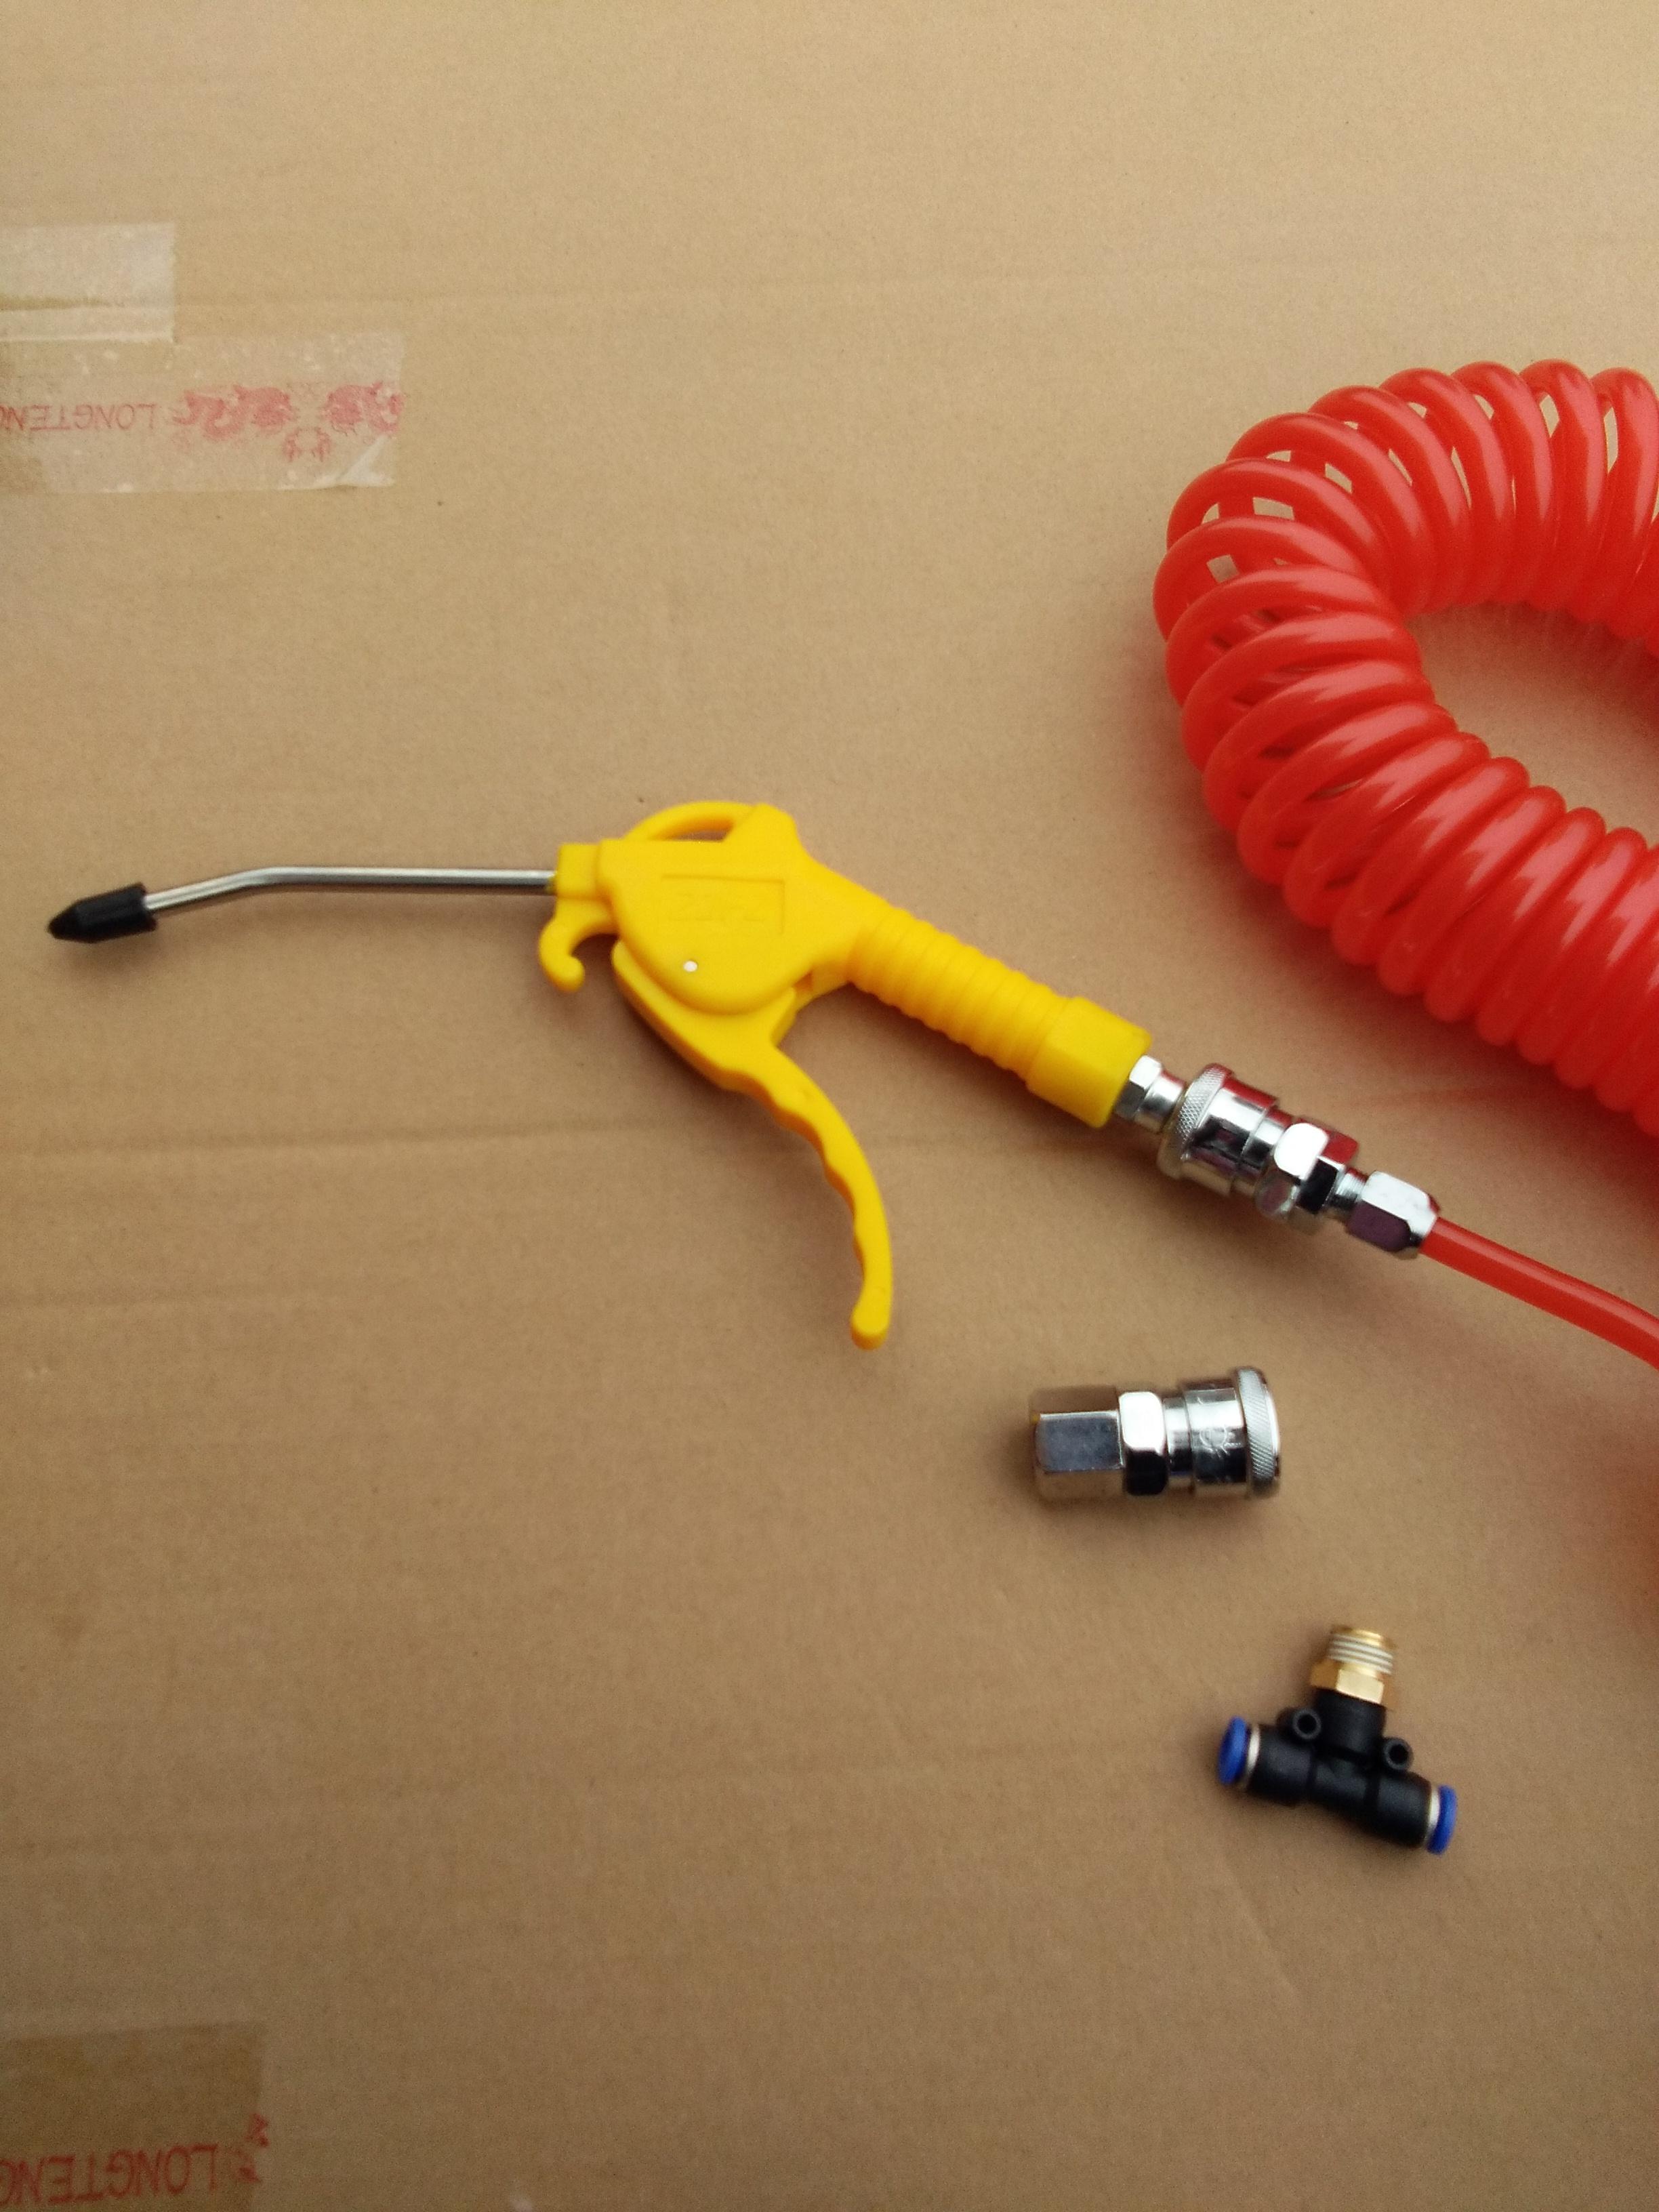 货车吹尘枪高压气管弹簧管吹风枪 汽车除尘气器除尘枪车用吹尘器